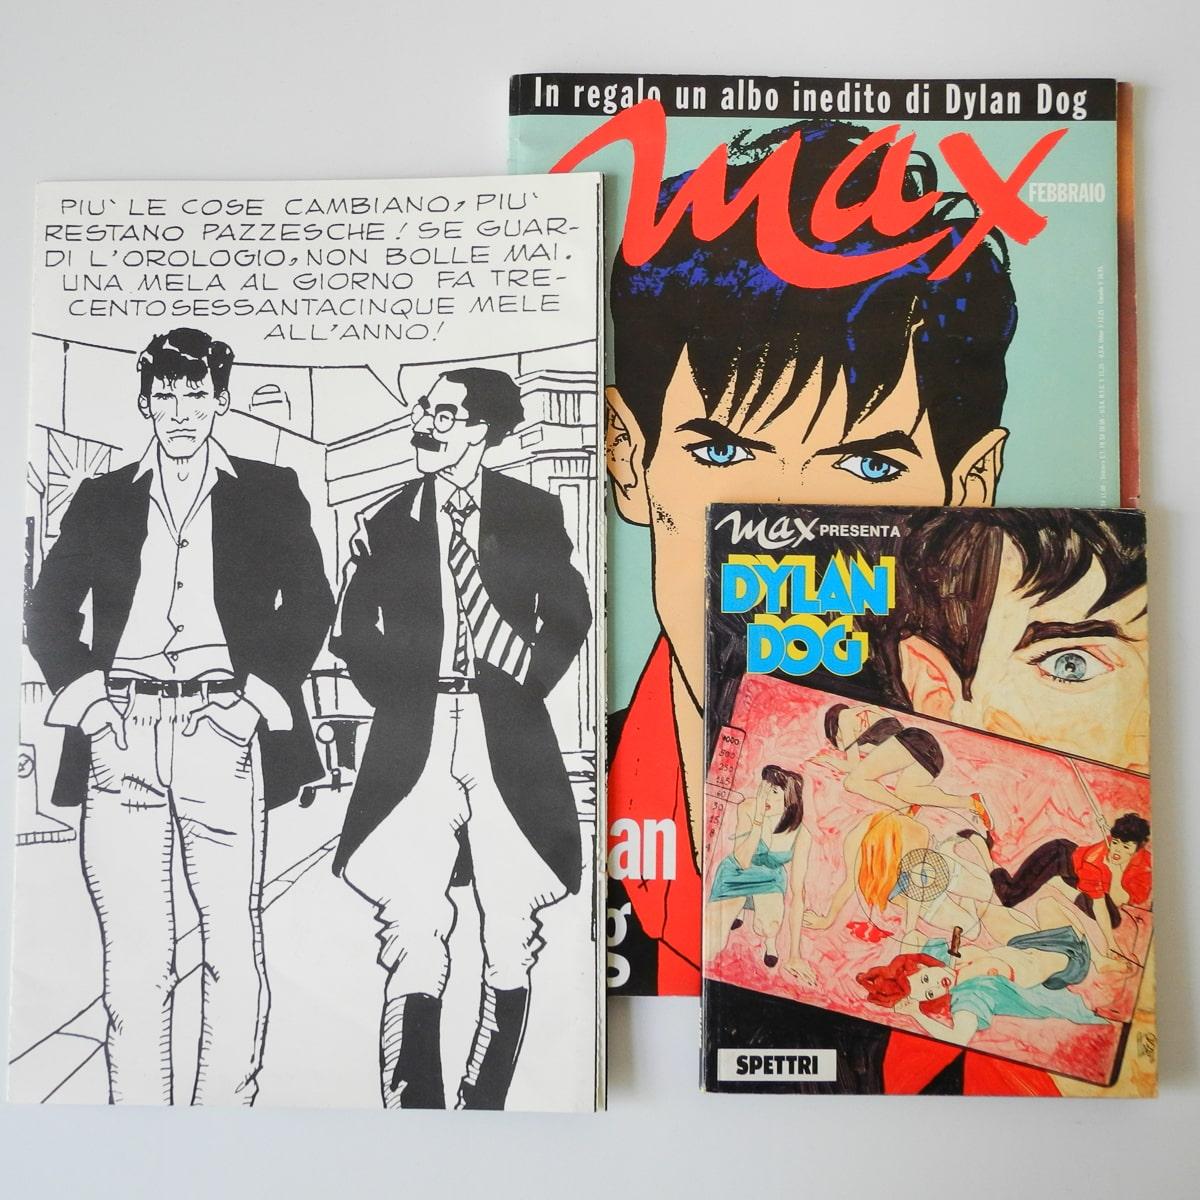 Dylan Dog volume Max con poster e albo Spettri